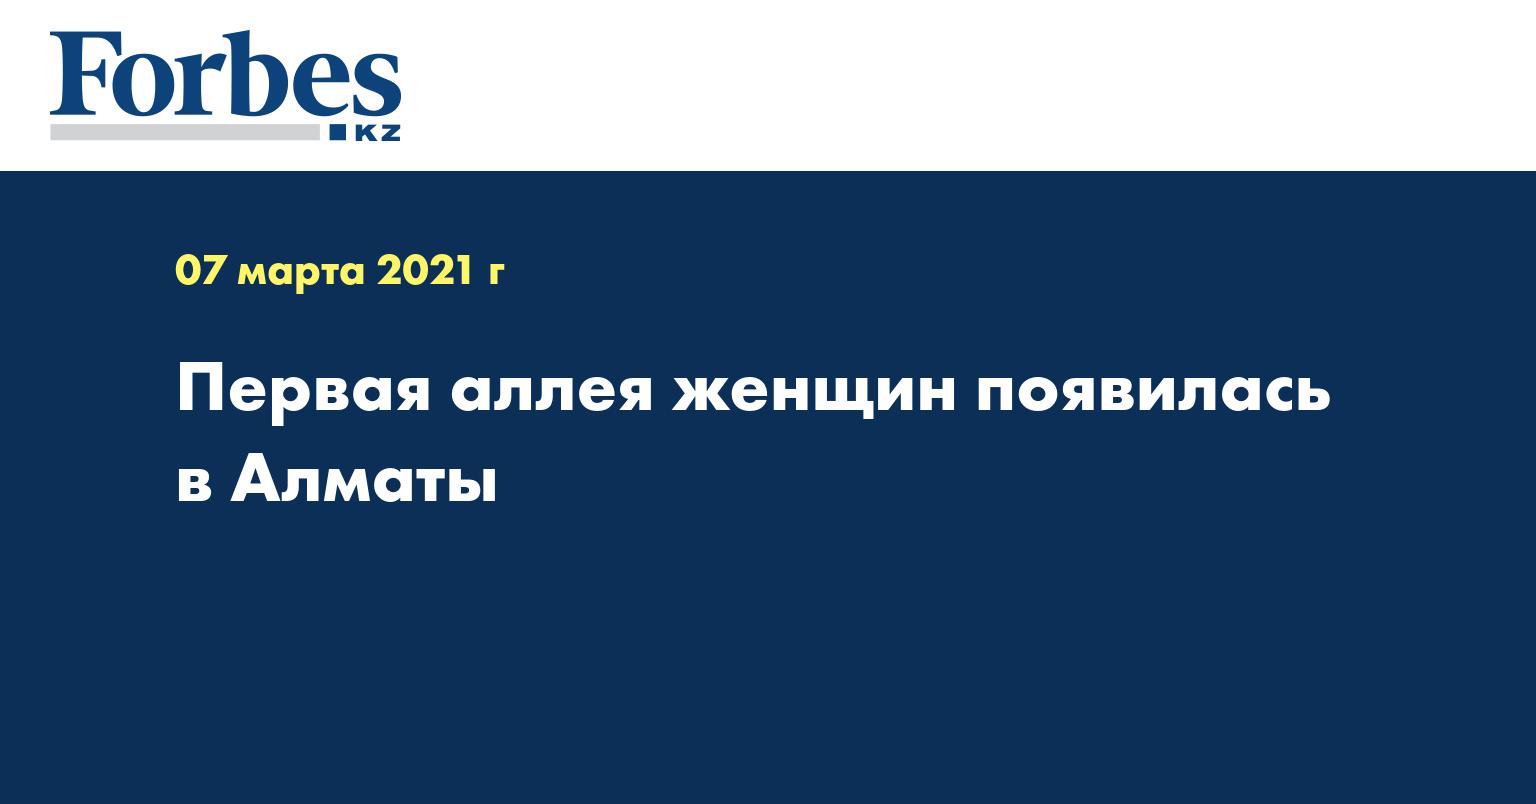 Первая аллея женщин появилась в Алматы